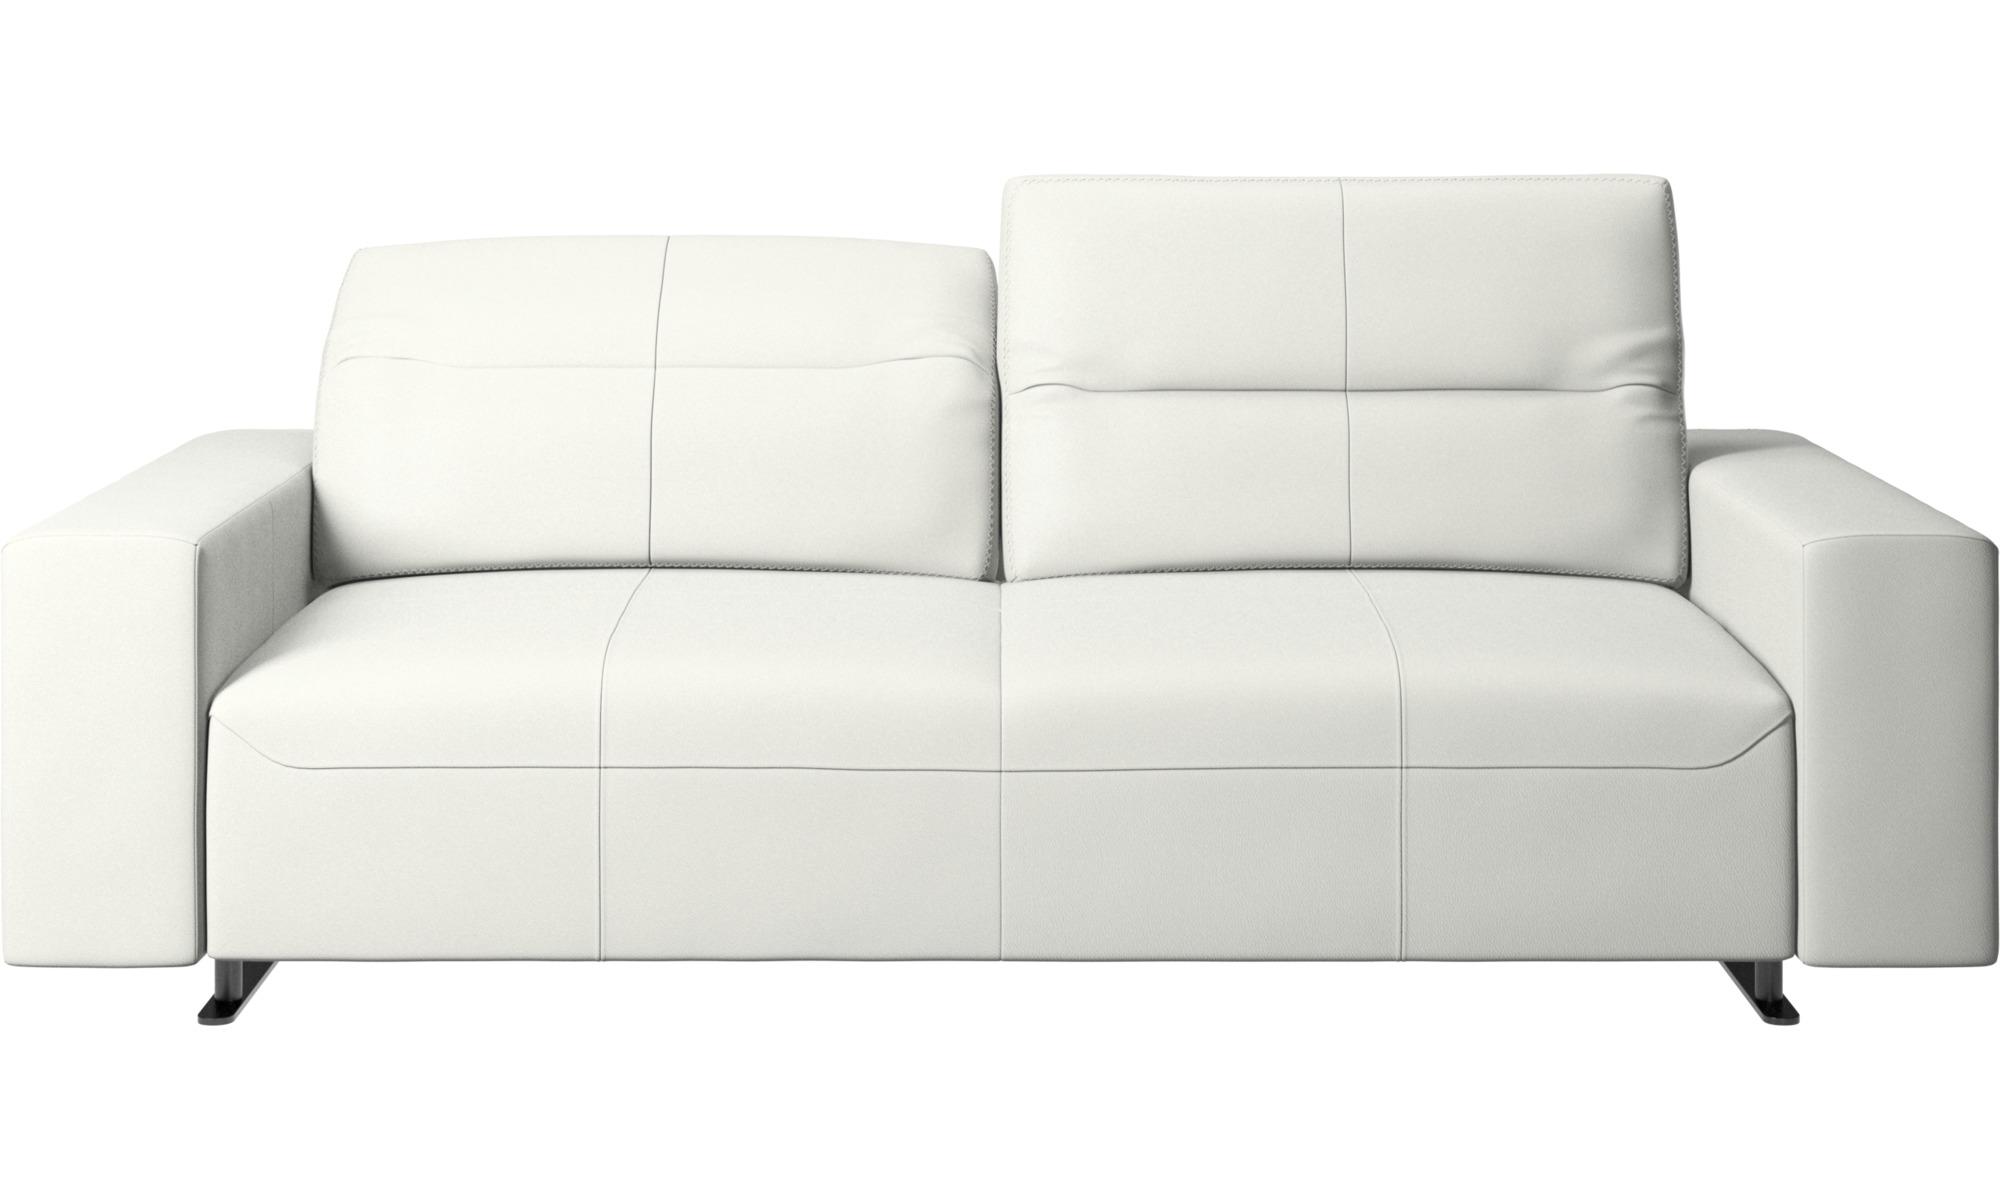 【Sofa】Hamptn sofa 20%off